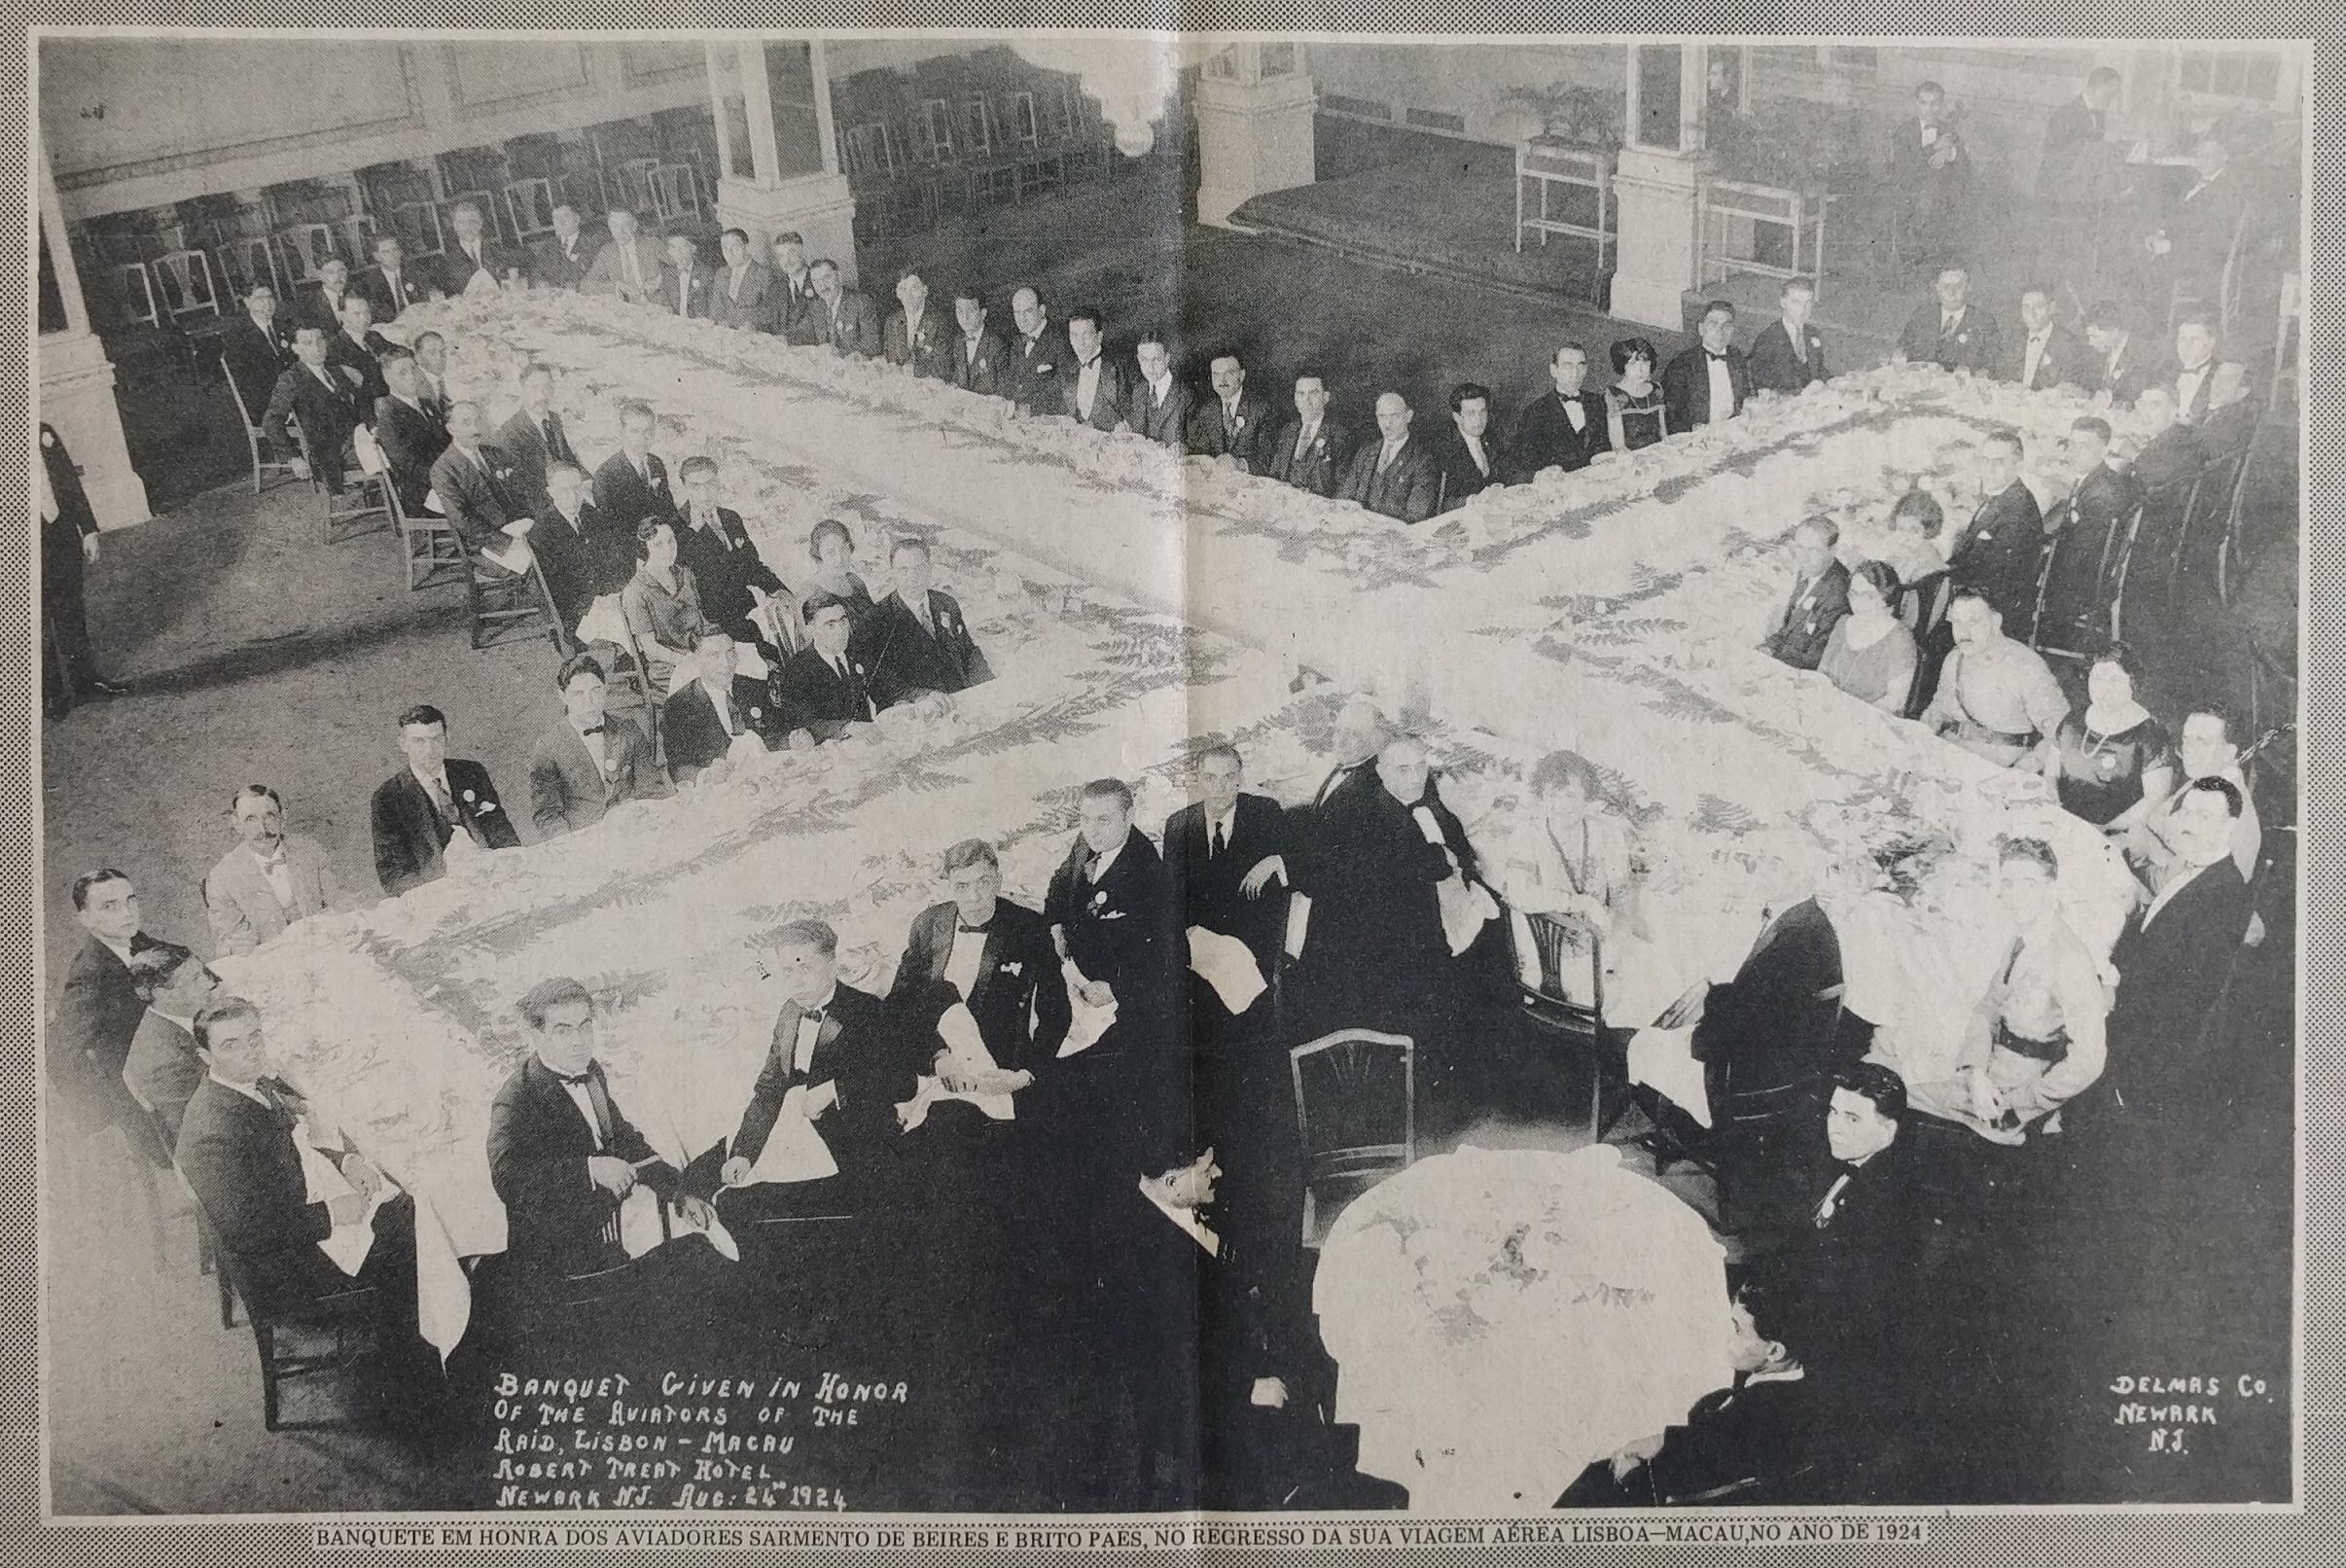 Banquet - Aviators of the Raid